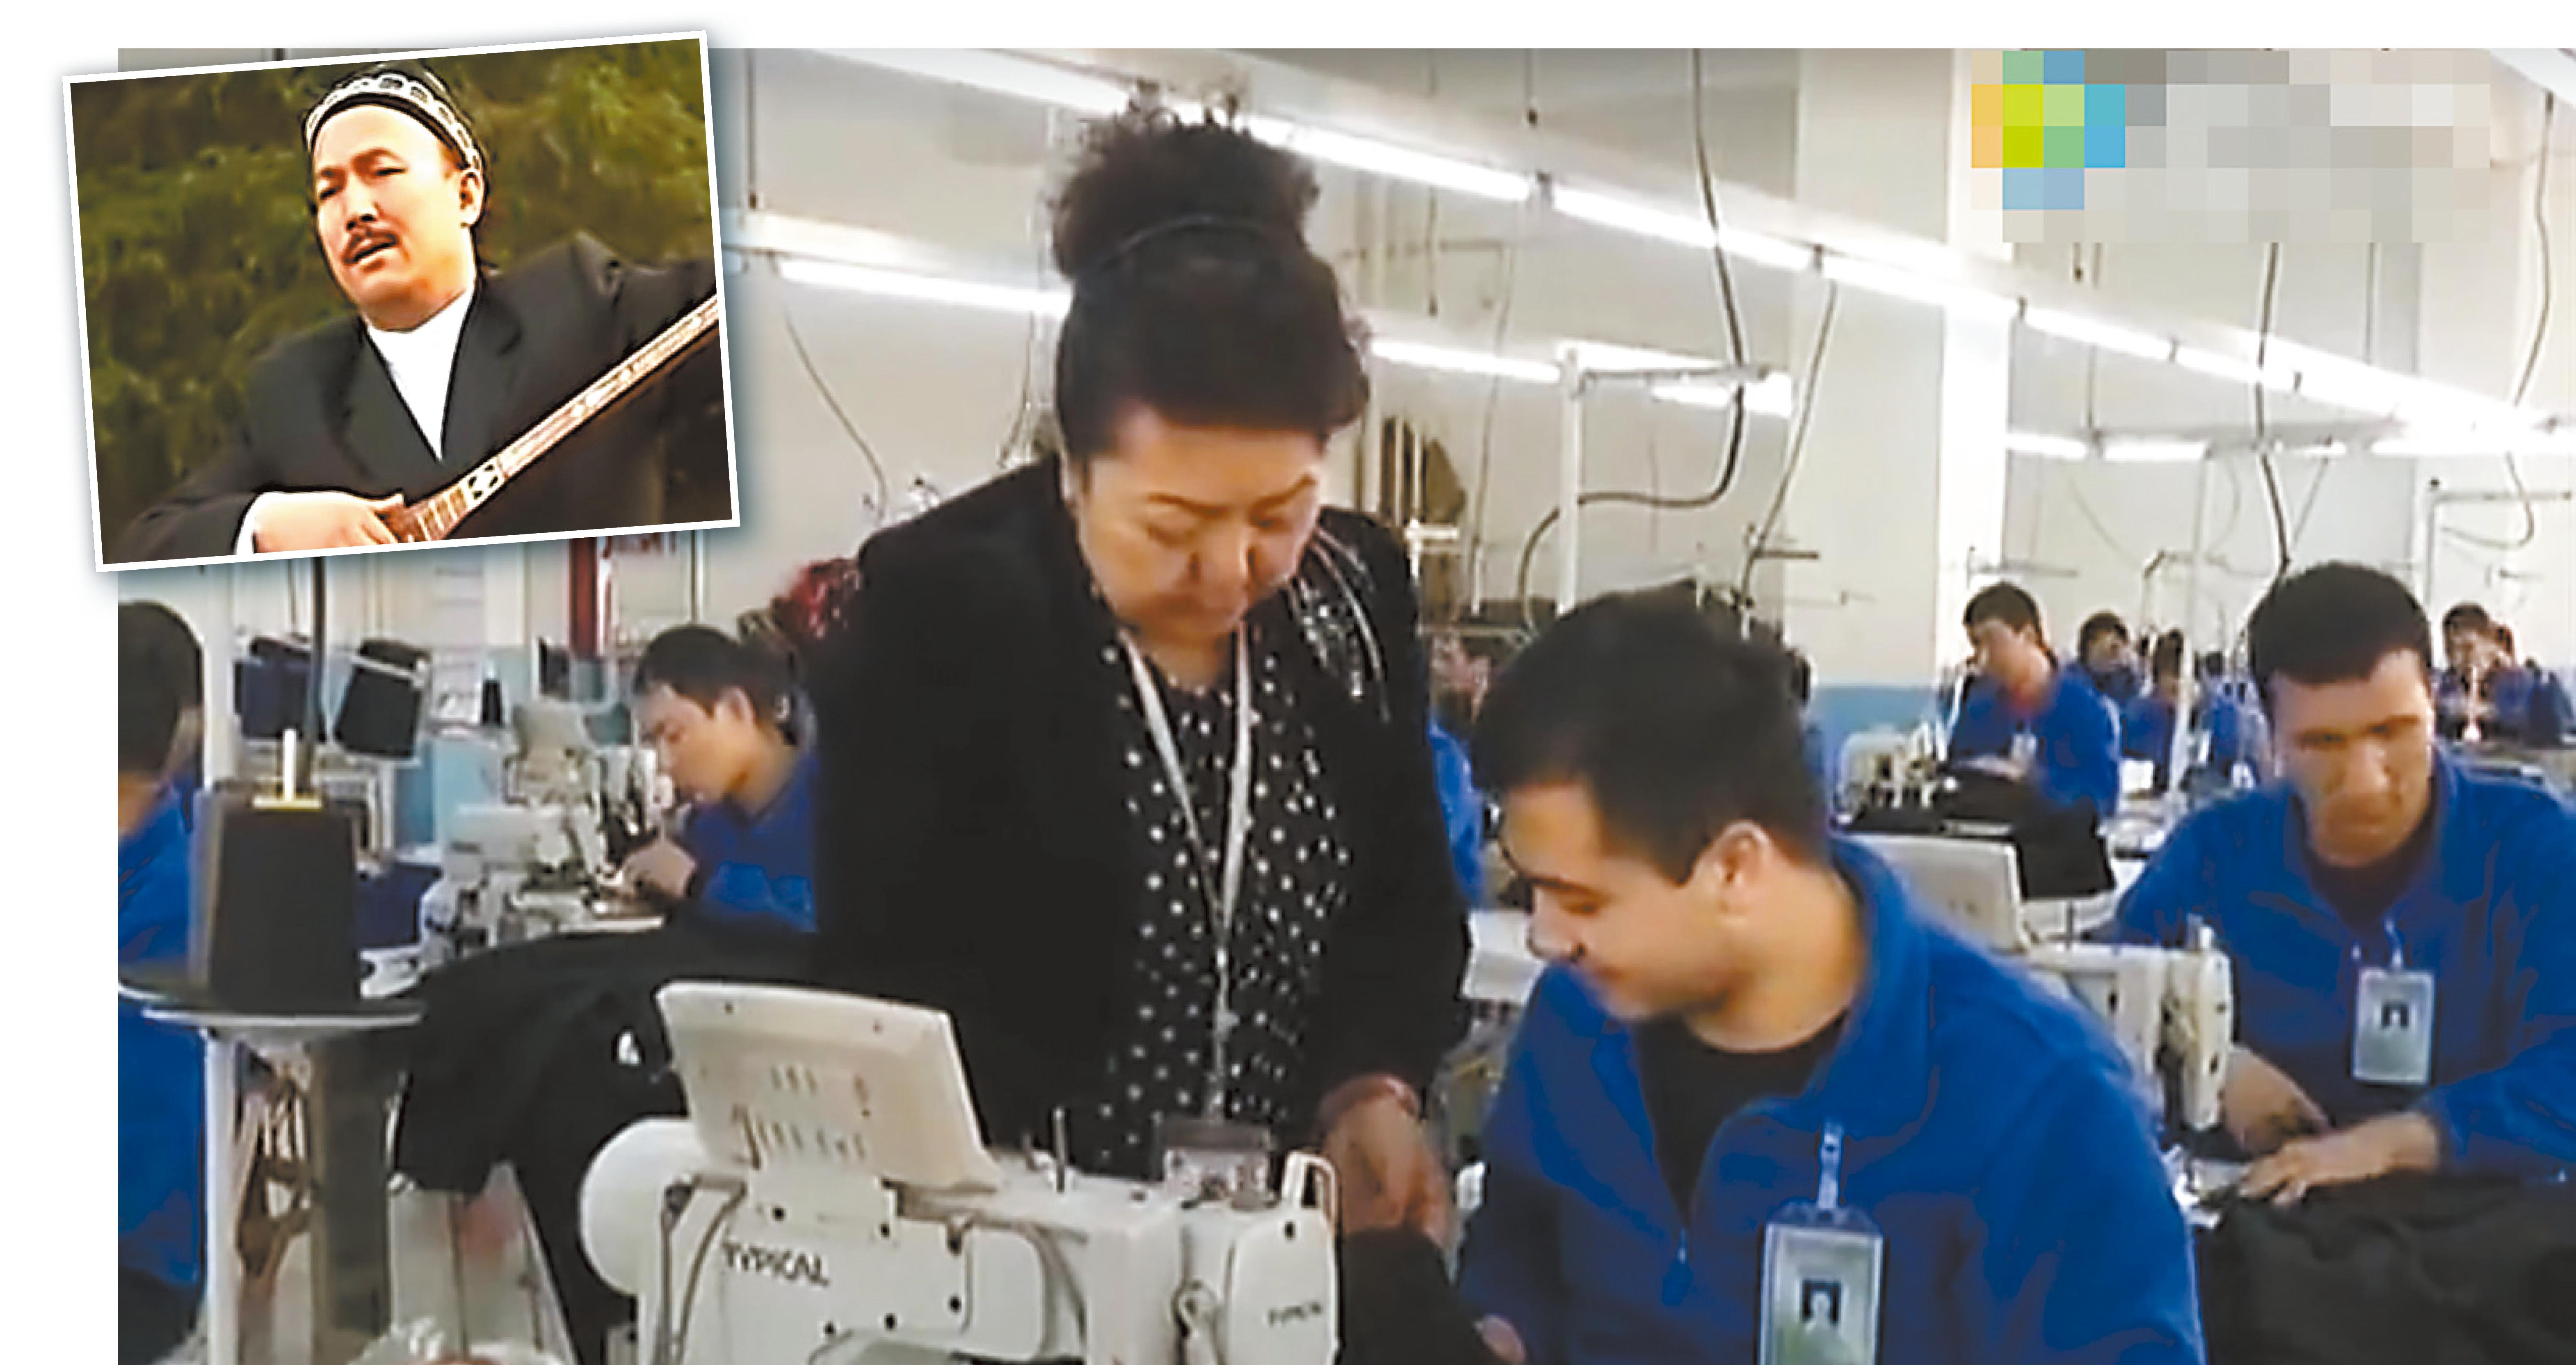 據中國央視報道,新疆再教育營提供的「職訓內容」包括服裝加工、美容美髮、食品加工等。小圖為被傳死訊的黑伊特。資料圖片/網上圖片